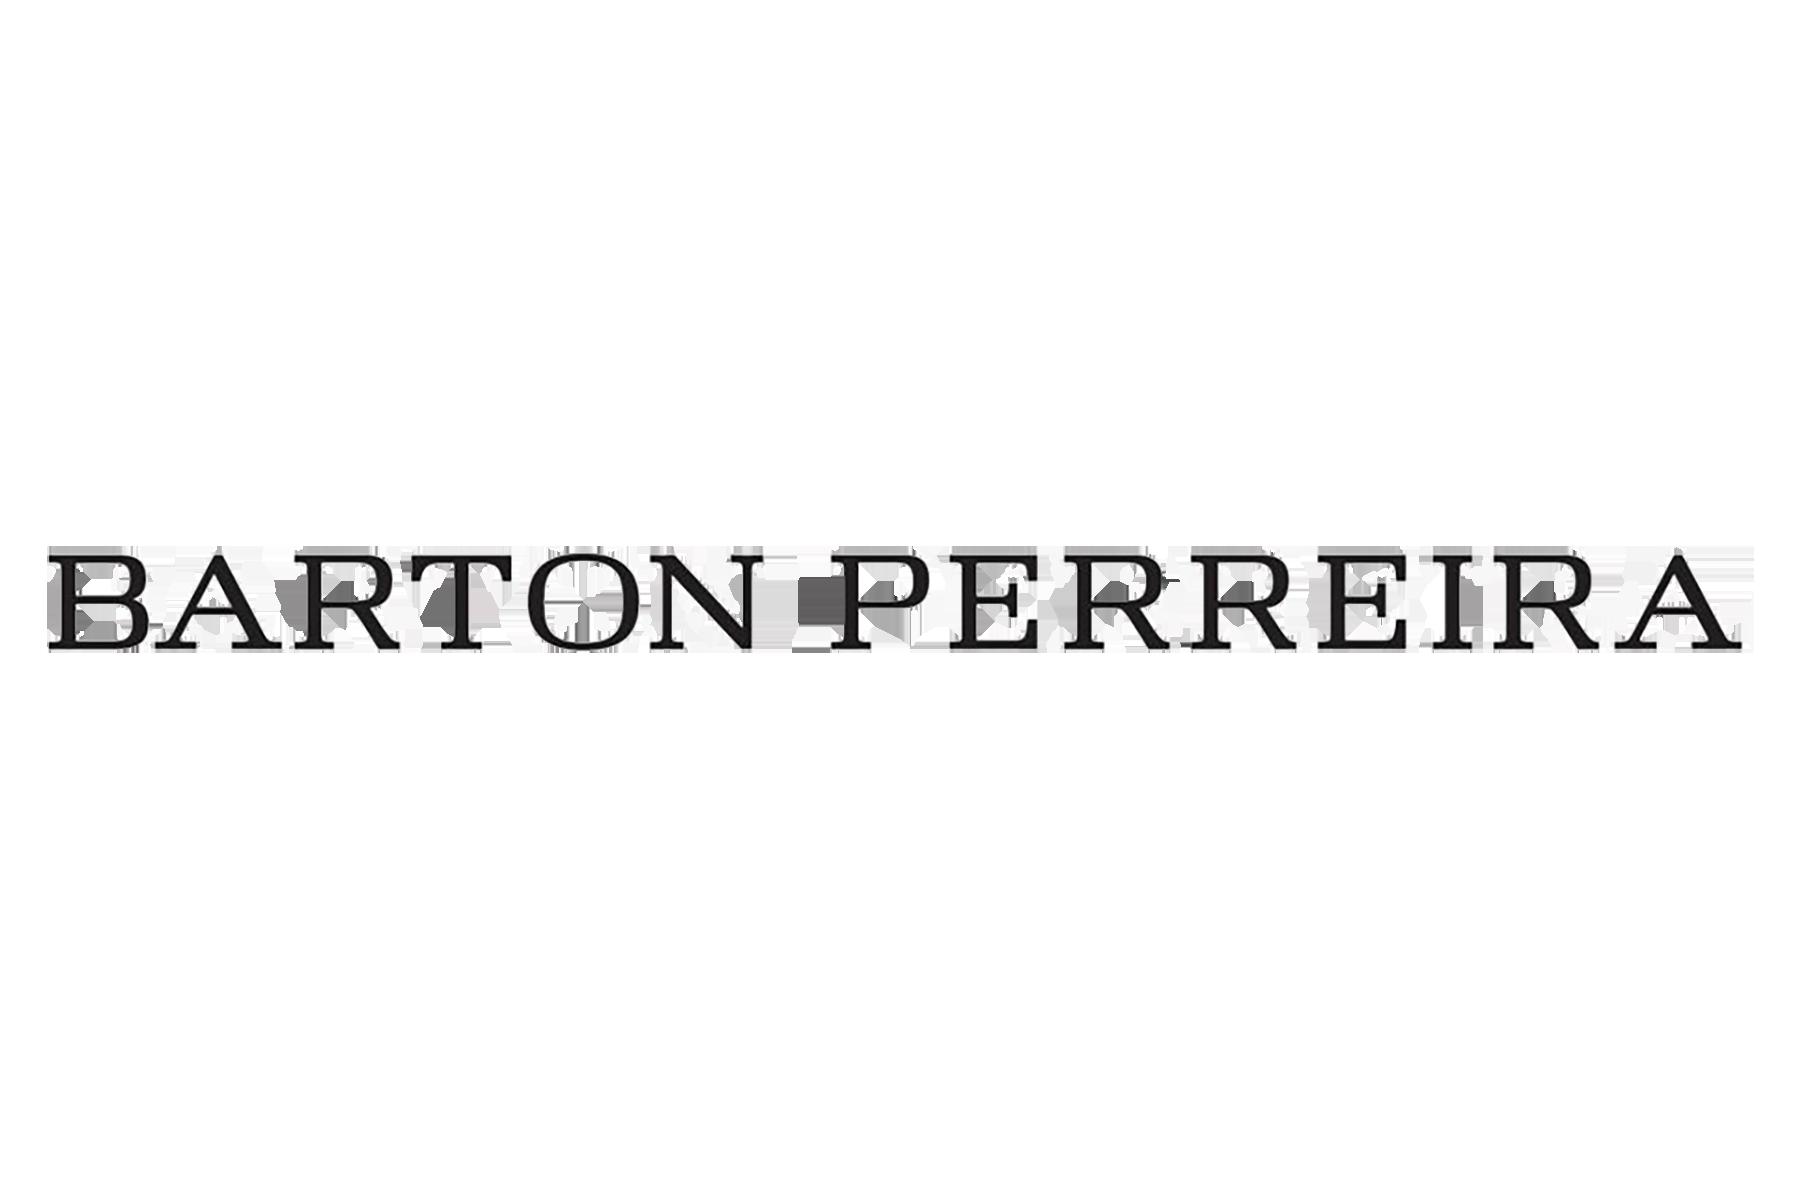 bartonperreira.png